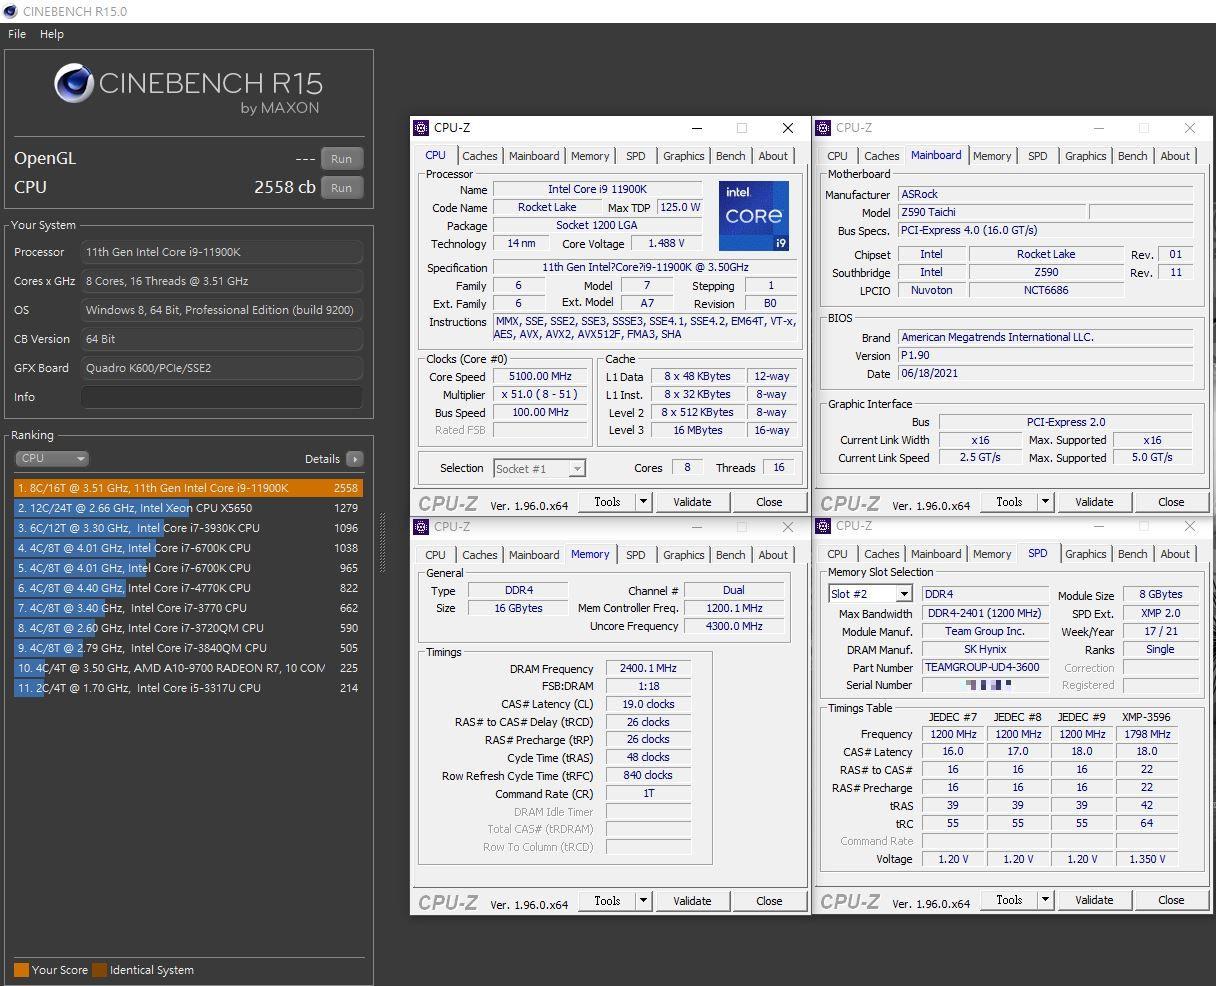 十銓T-FORCE XTREEM ARGB DDR4-3600 White Edition超頻記憶體-超美雪...3952